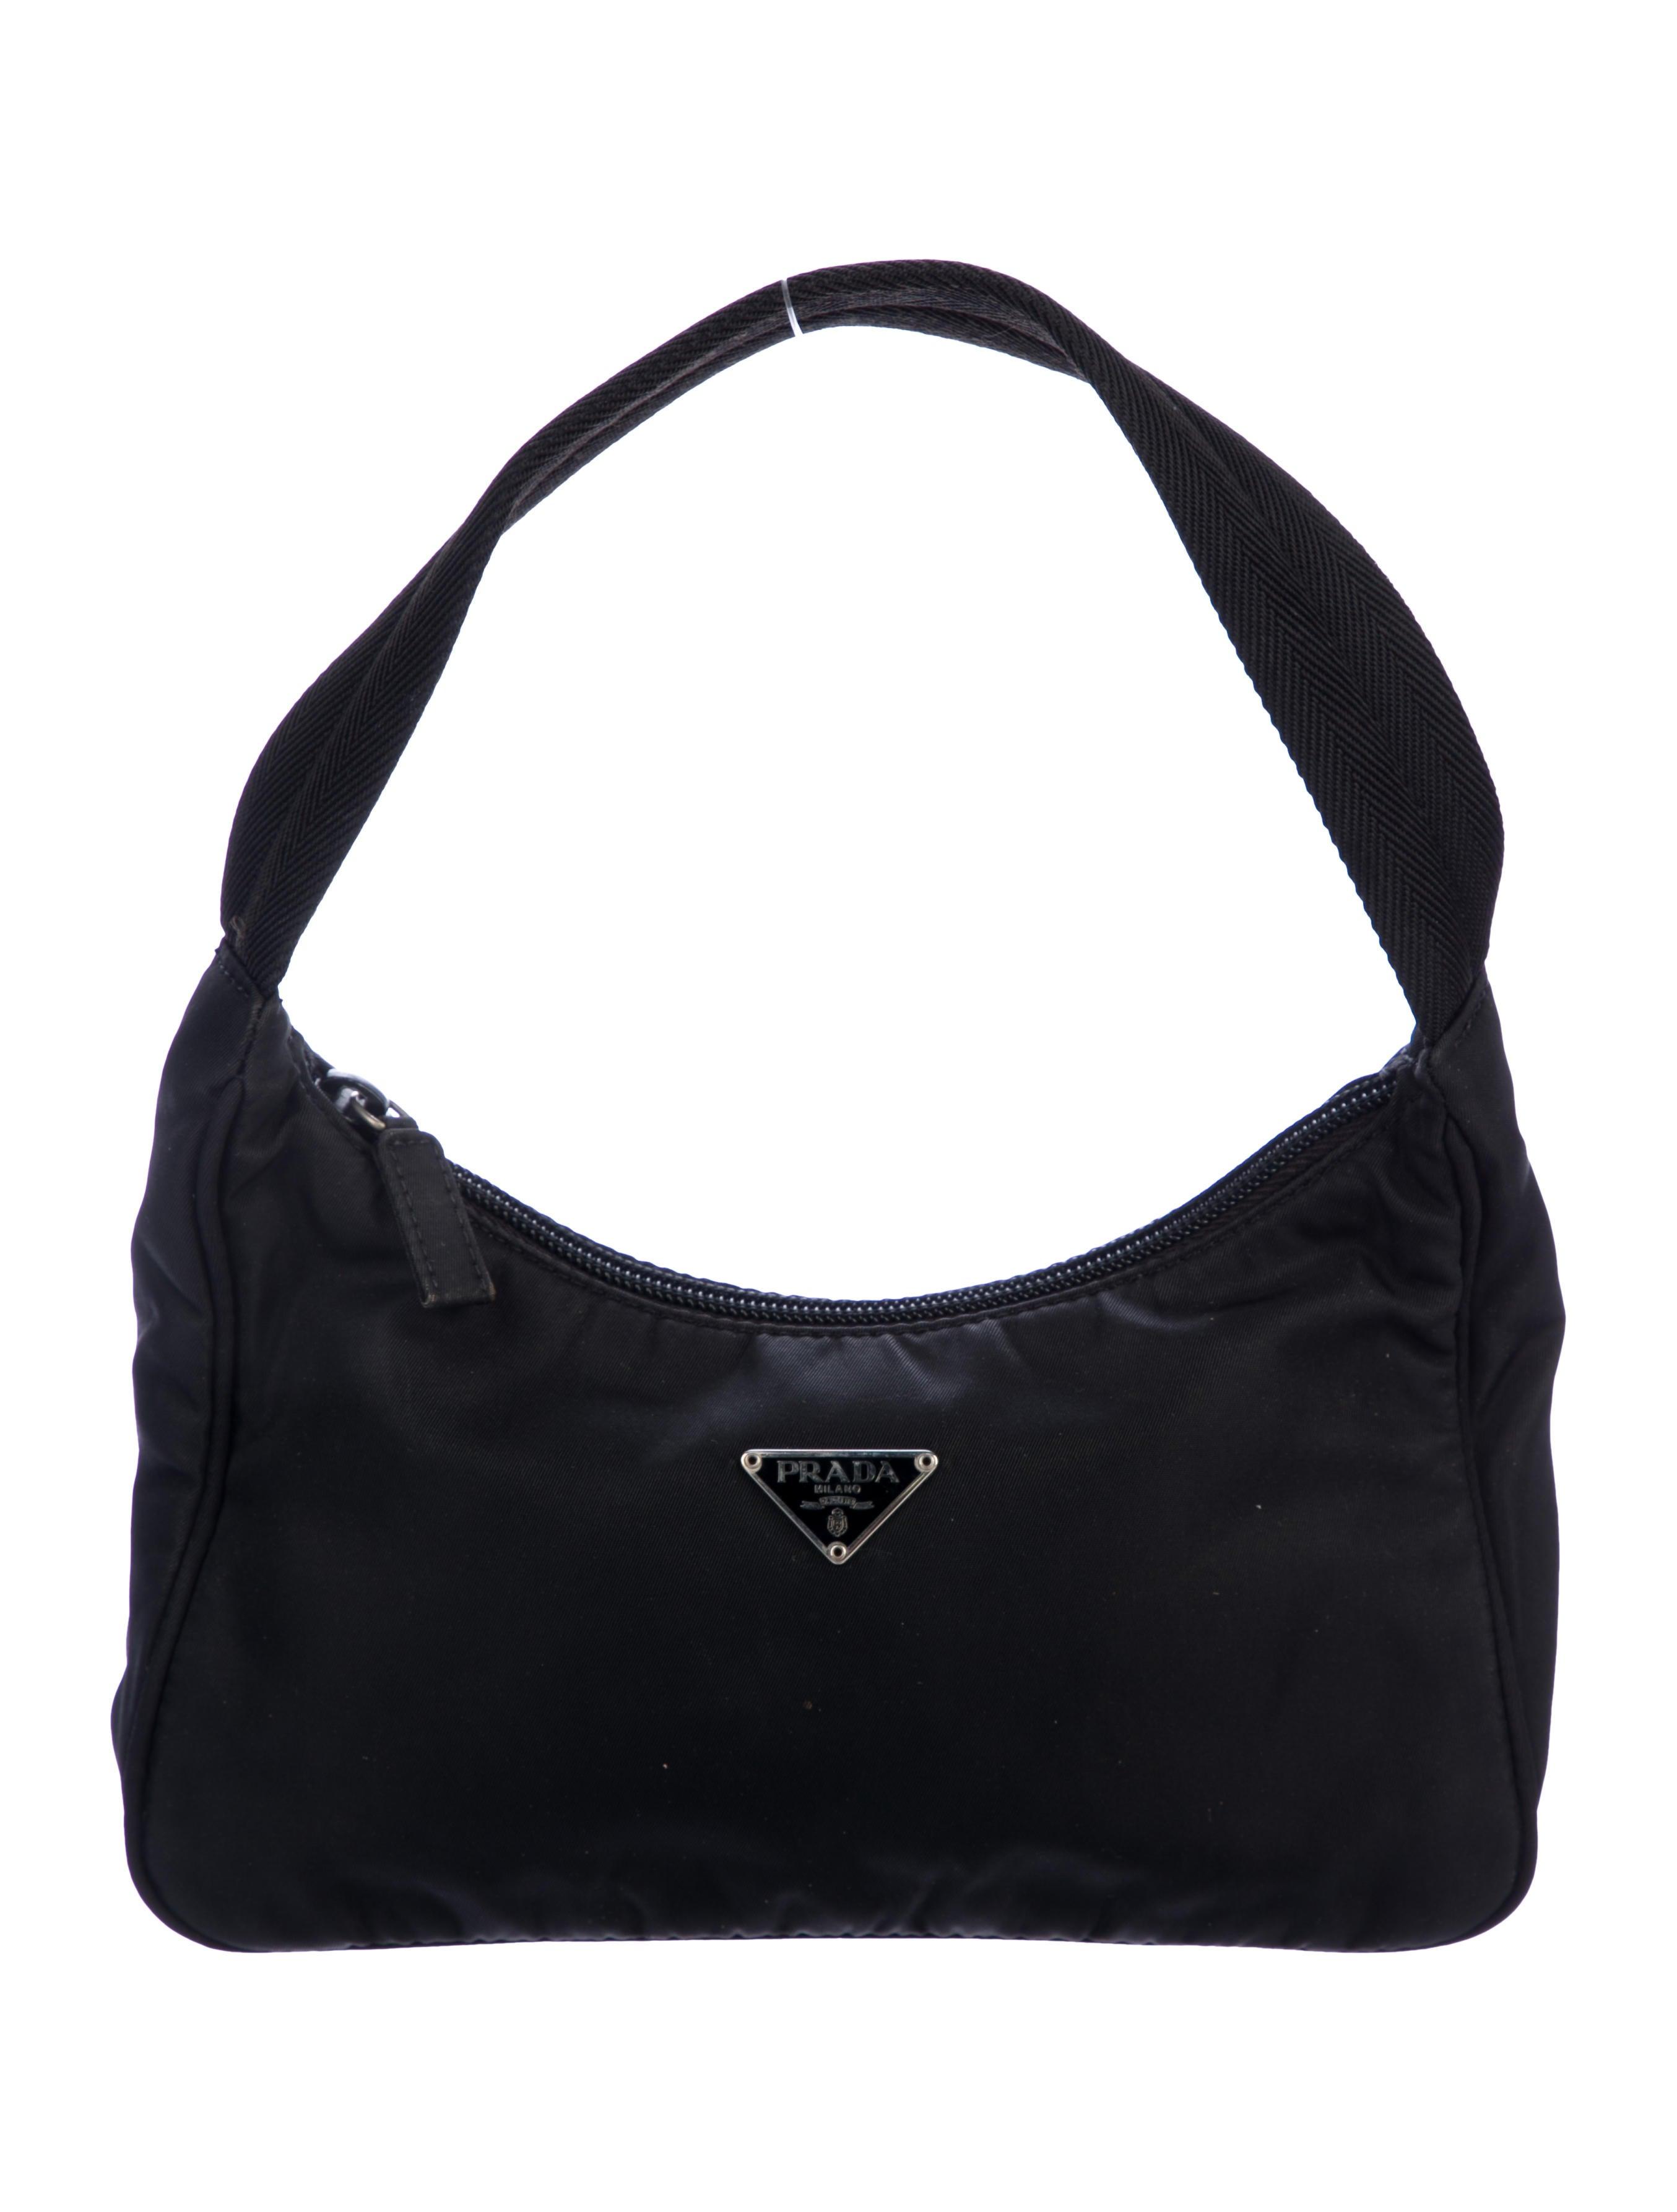 1c07c15c1a9a Prada Necessaire Tessuto Nylon Handle Bag - Handbags - PRA228396 ...